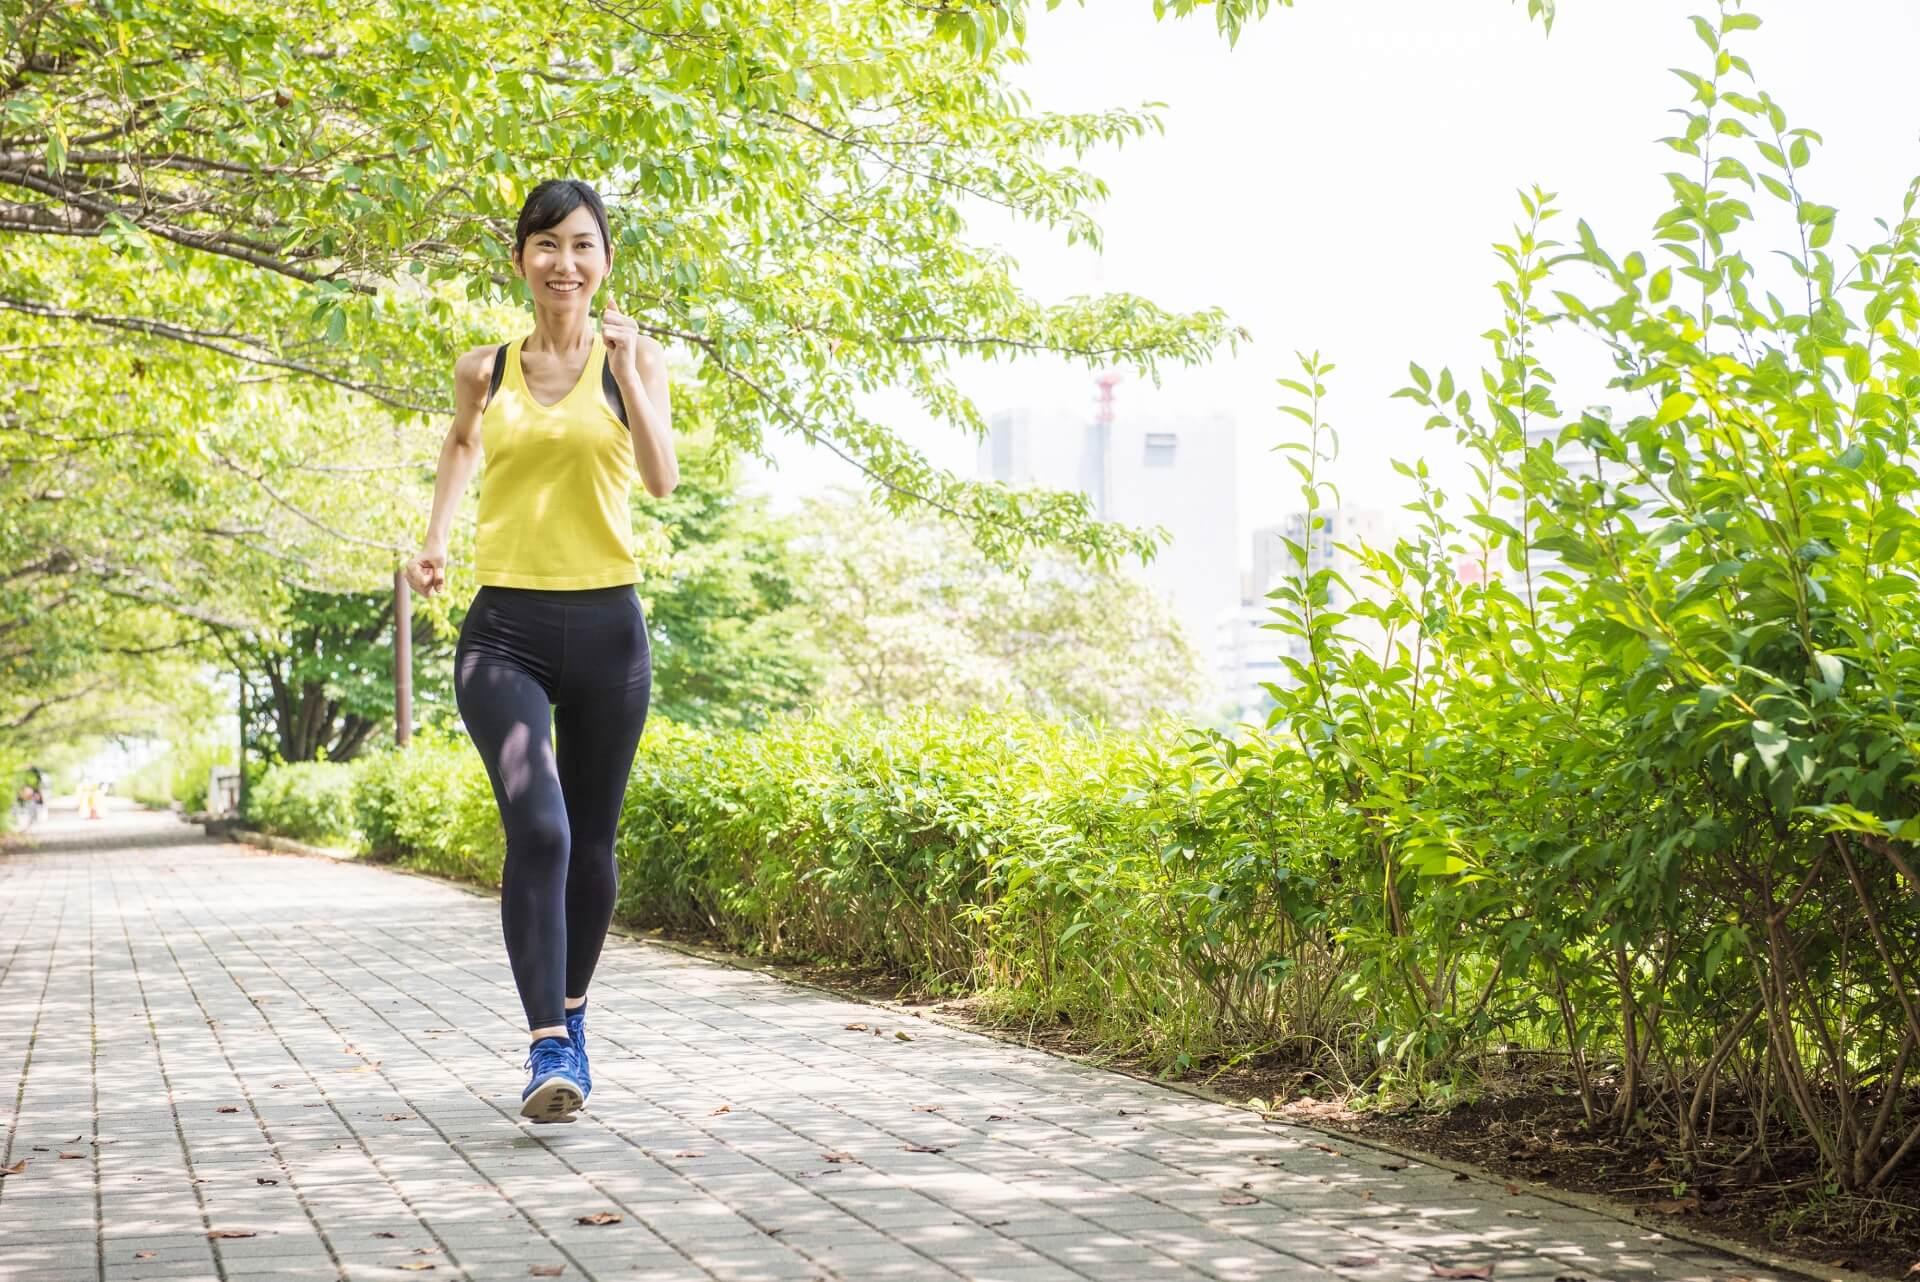 初心者ランナーが目安にするべきランニングの距離と時間